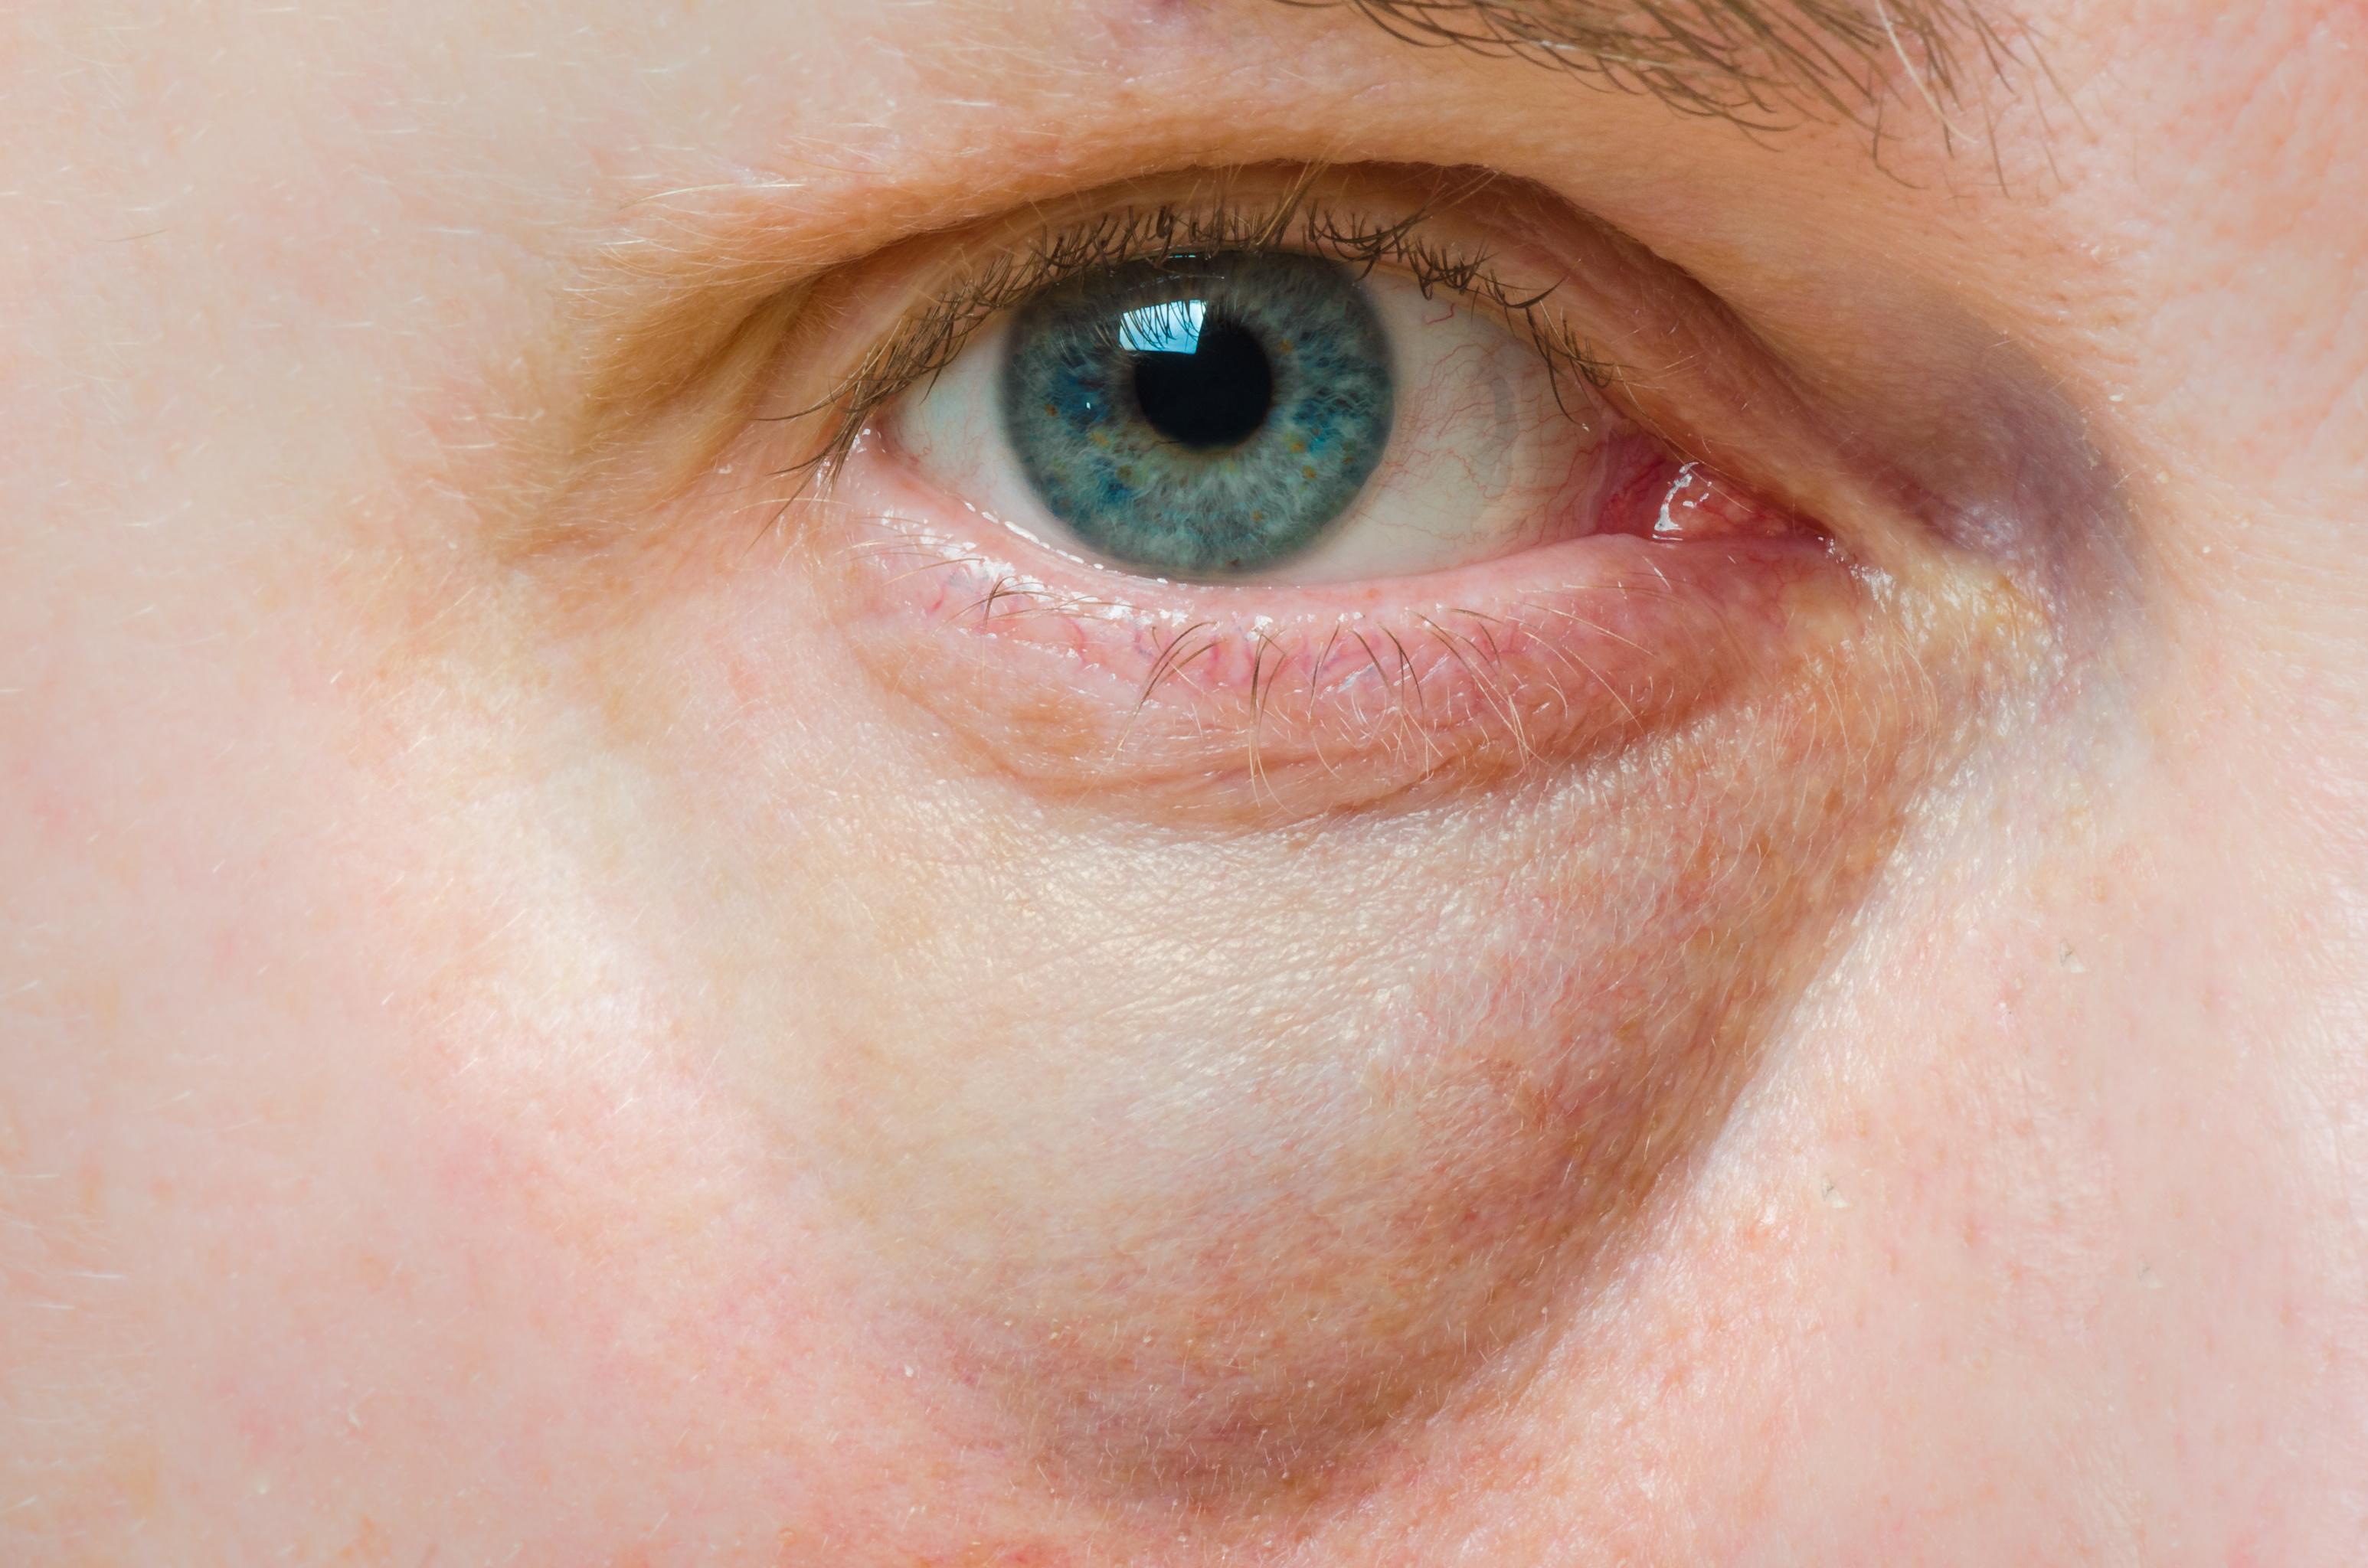 hogyan lehet megszabadulni a pikkelysmr a fejbrn vörös foltok egy felnőtt fotó hasán magyarázatokkal